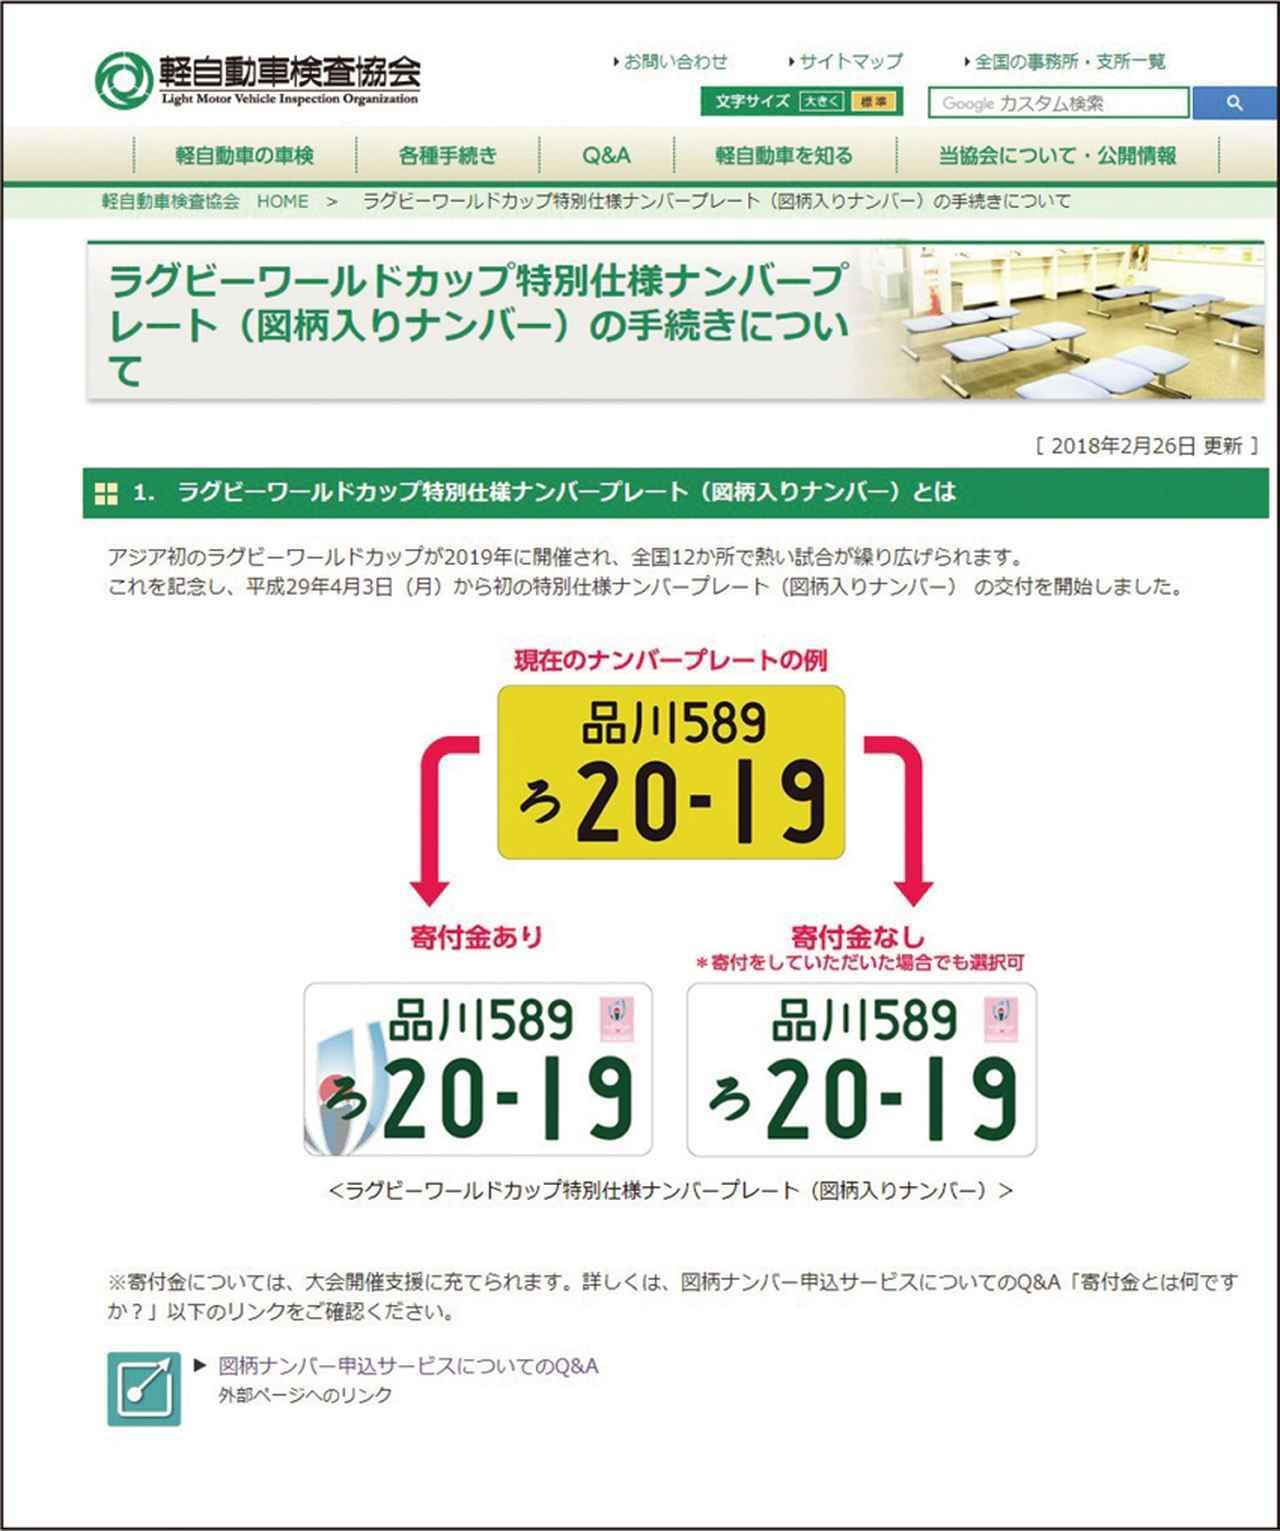 画像: 軽自動車検査協会のサイト(URLは欄外)では、図柄入りナンバーの手続きについて詳しく紹介されている。 ※「軽自動車検査協会」→ https://www.keikenkyo.or.jp/procedures/procedures_m_000361.html